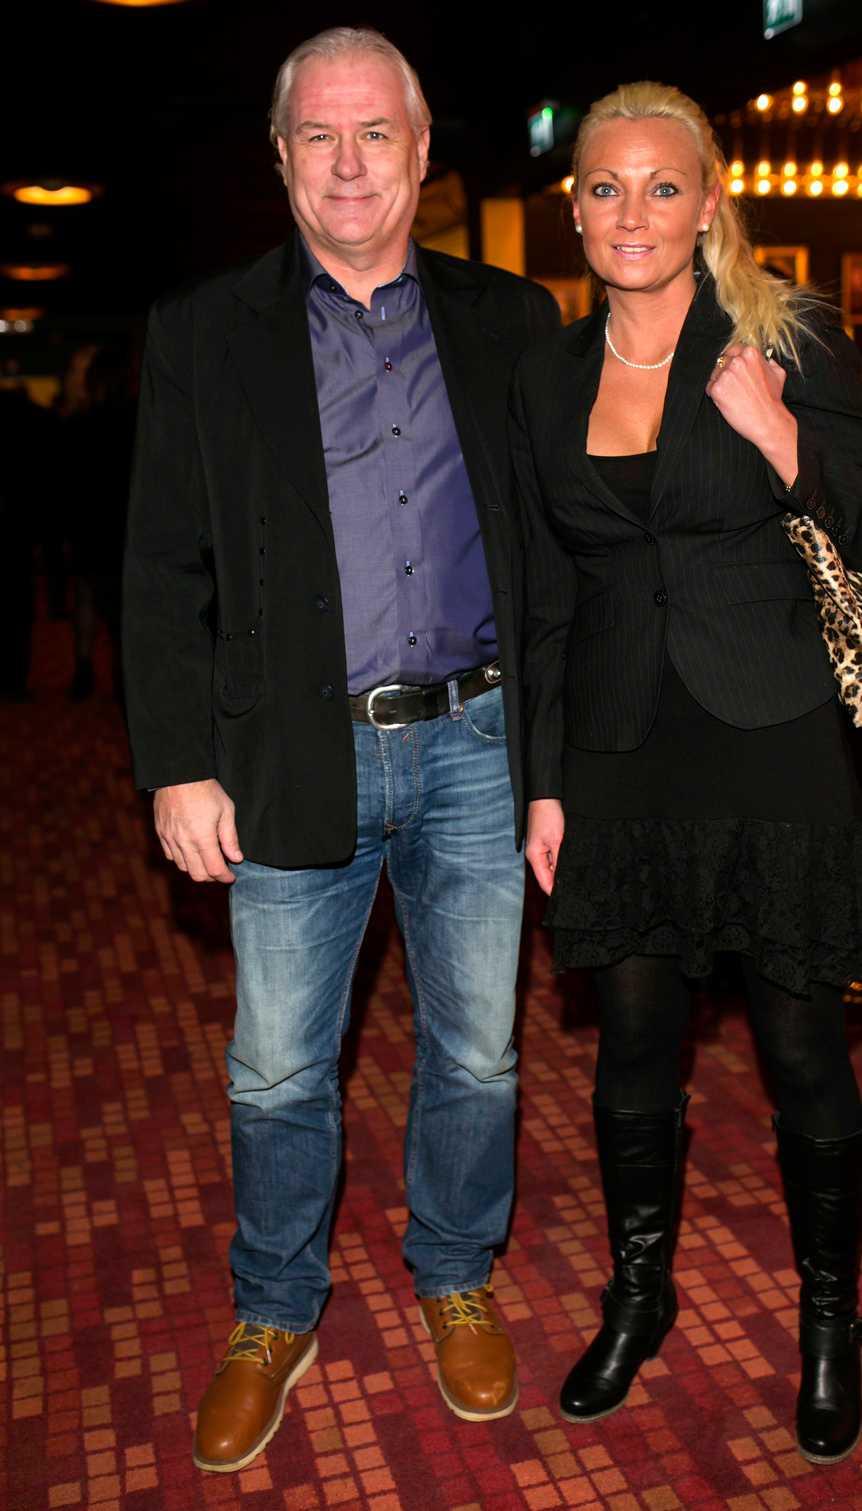 I våras gjorde Glenn Hysén och Therese Skoglund slut, efter två år tillsammans.